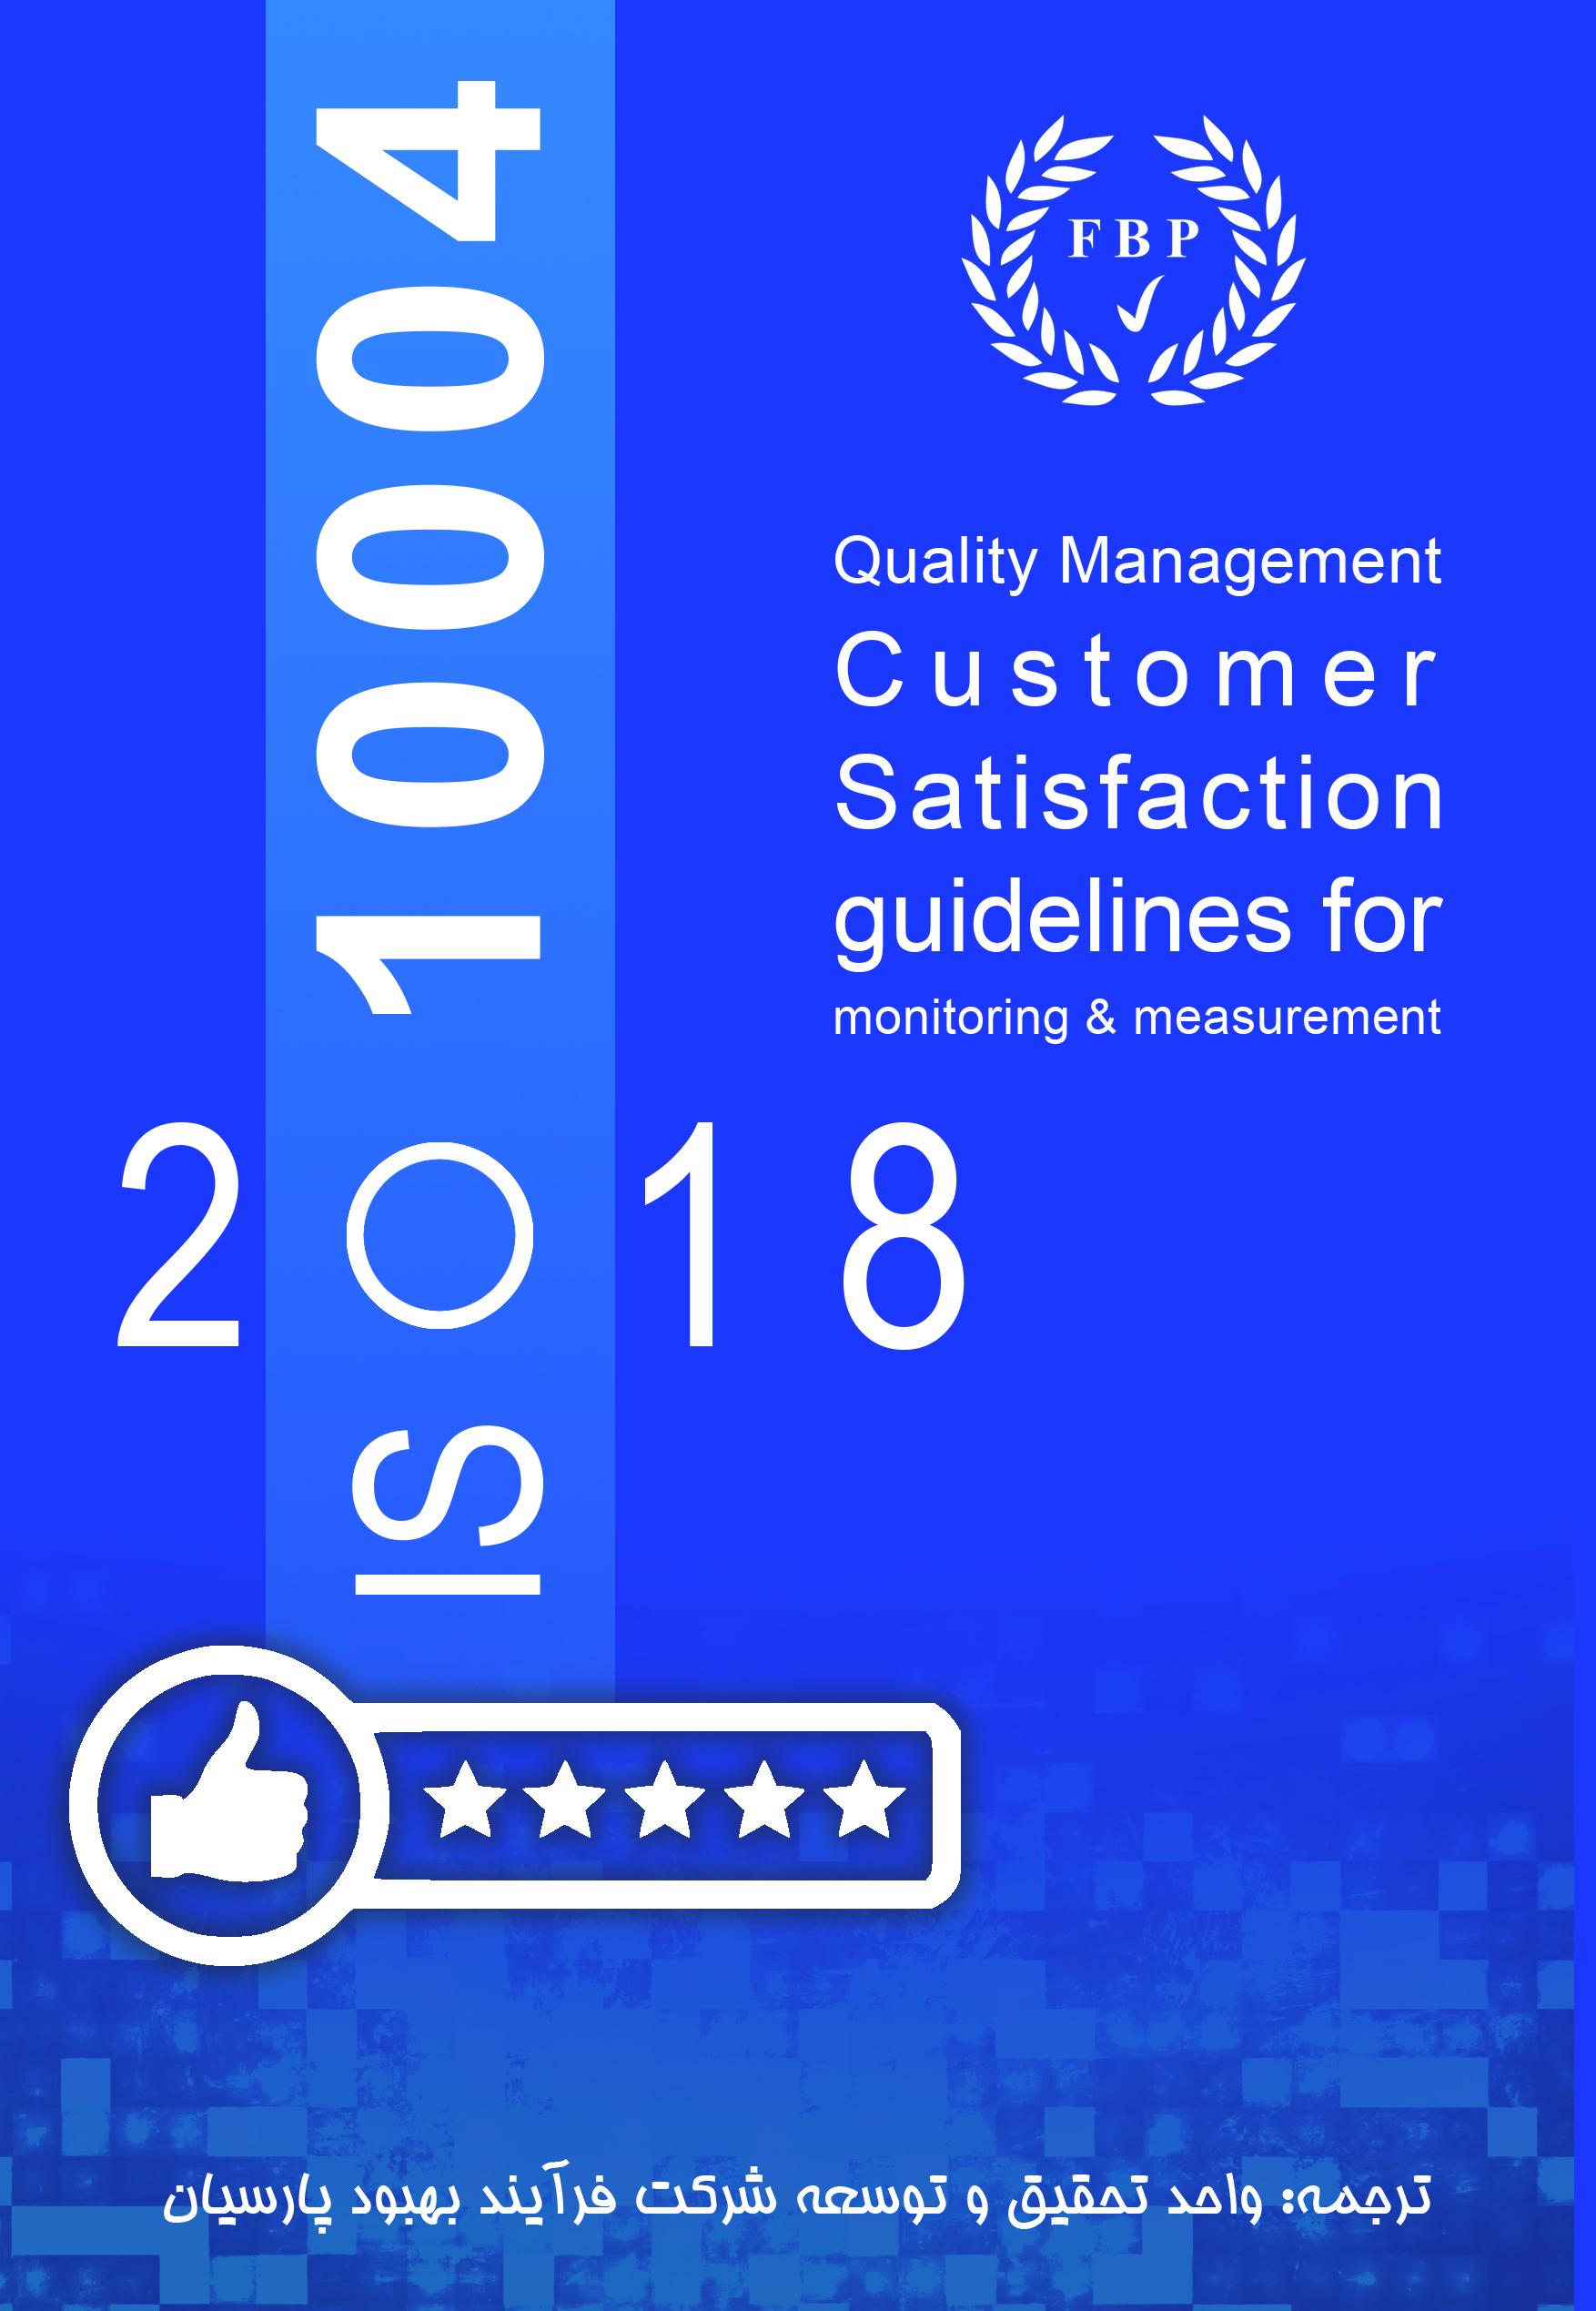 سیستم مدیریت رضایتمندی مشتریان ISO10004:2018